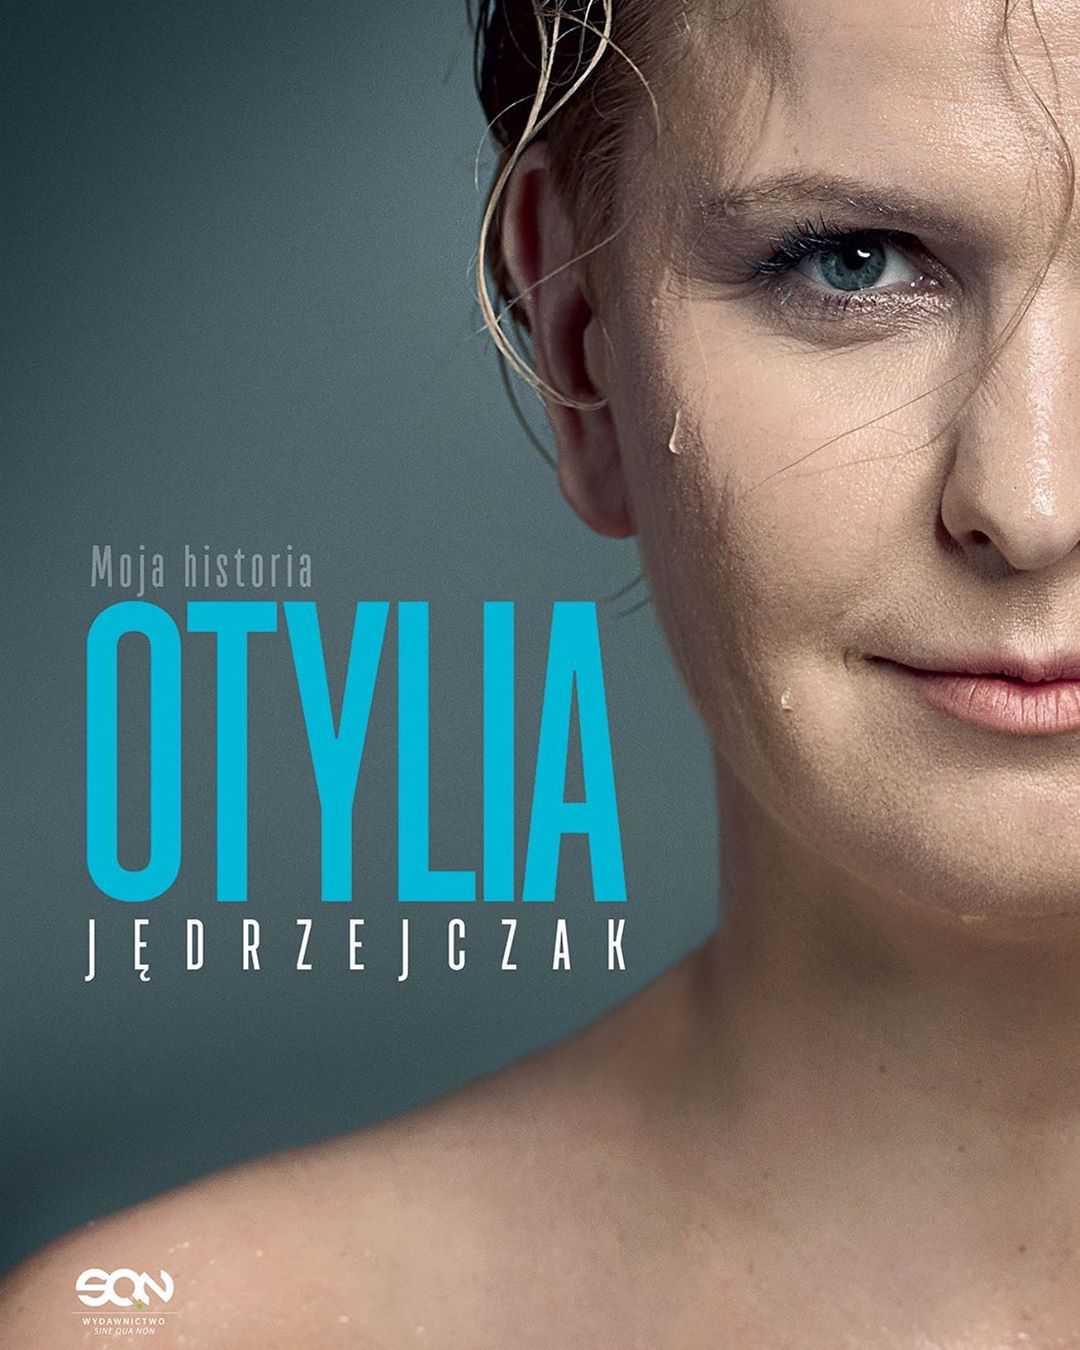 Otylia Jędrzejczak - autobiografia